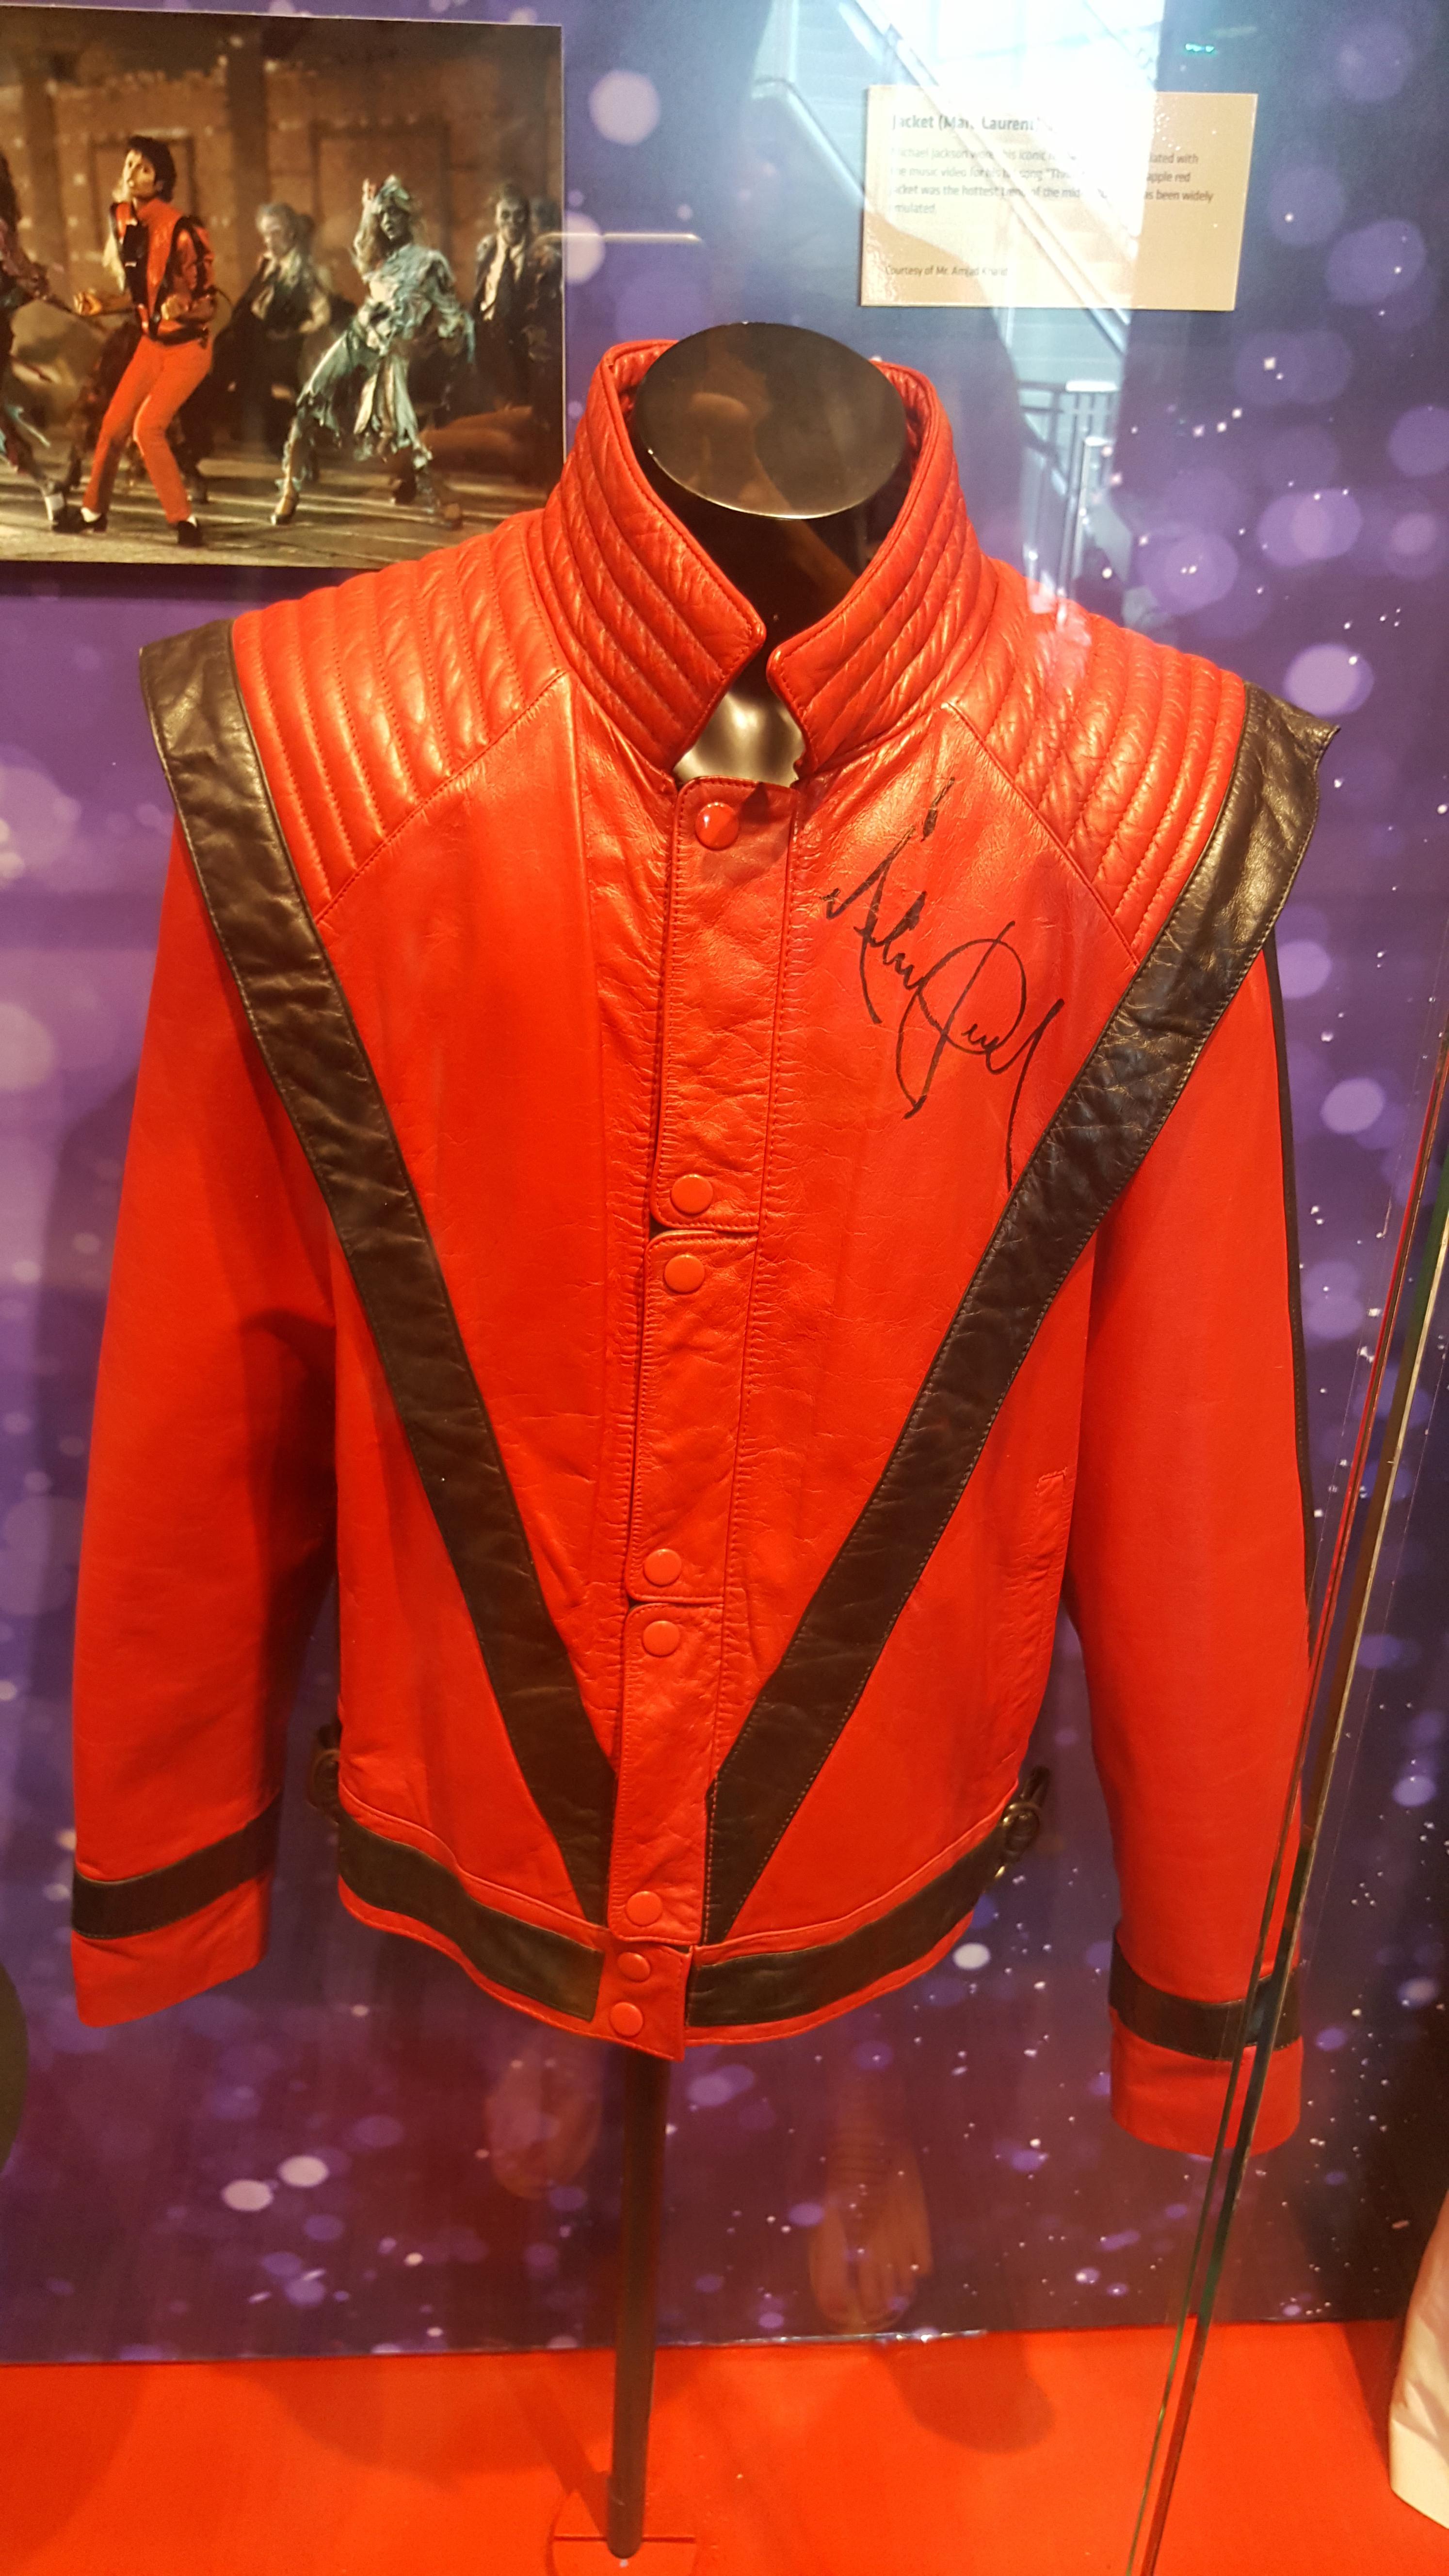 A jaqueta que o Michael Jackson usou em Thriller: uma das joias do Gramy Museum